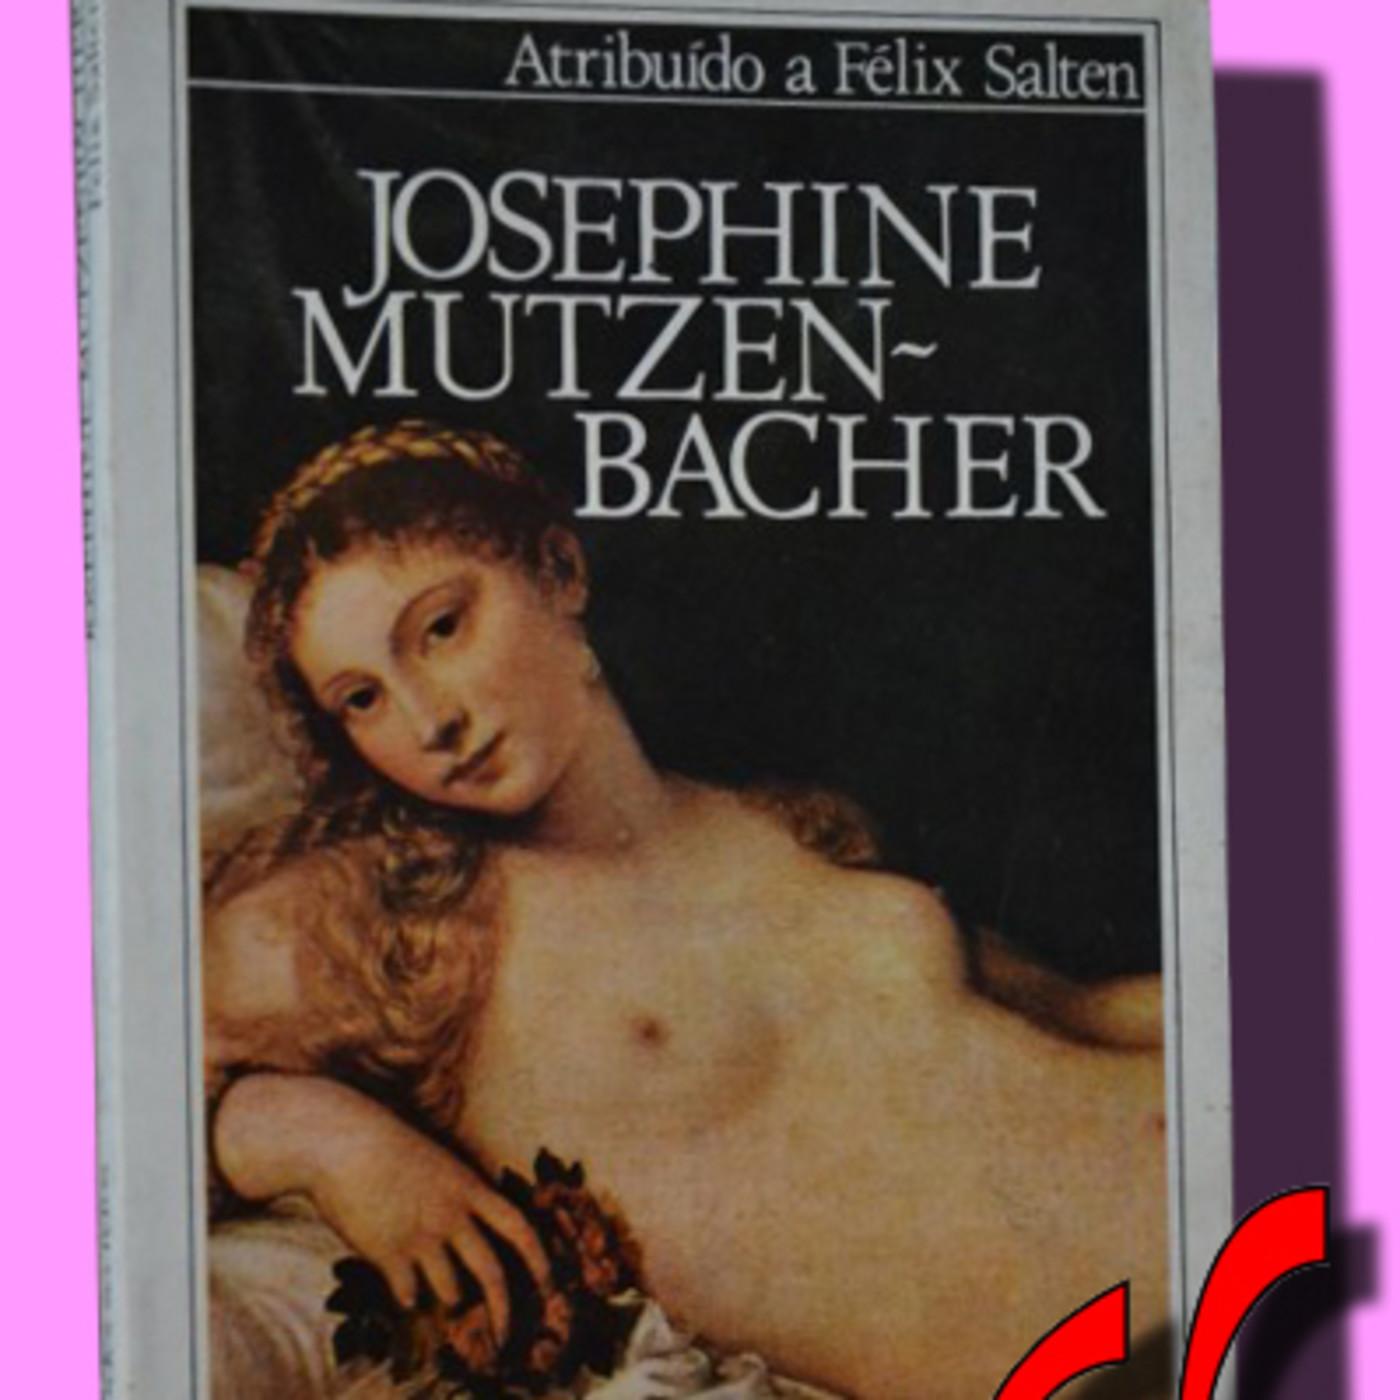 Josefinemutzenbacher